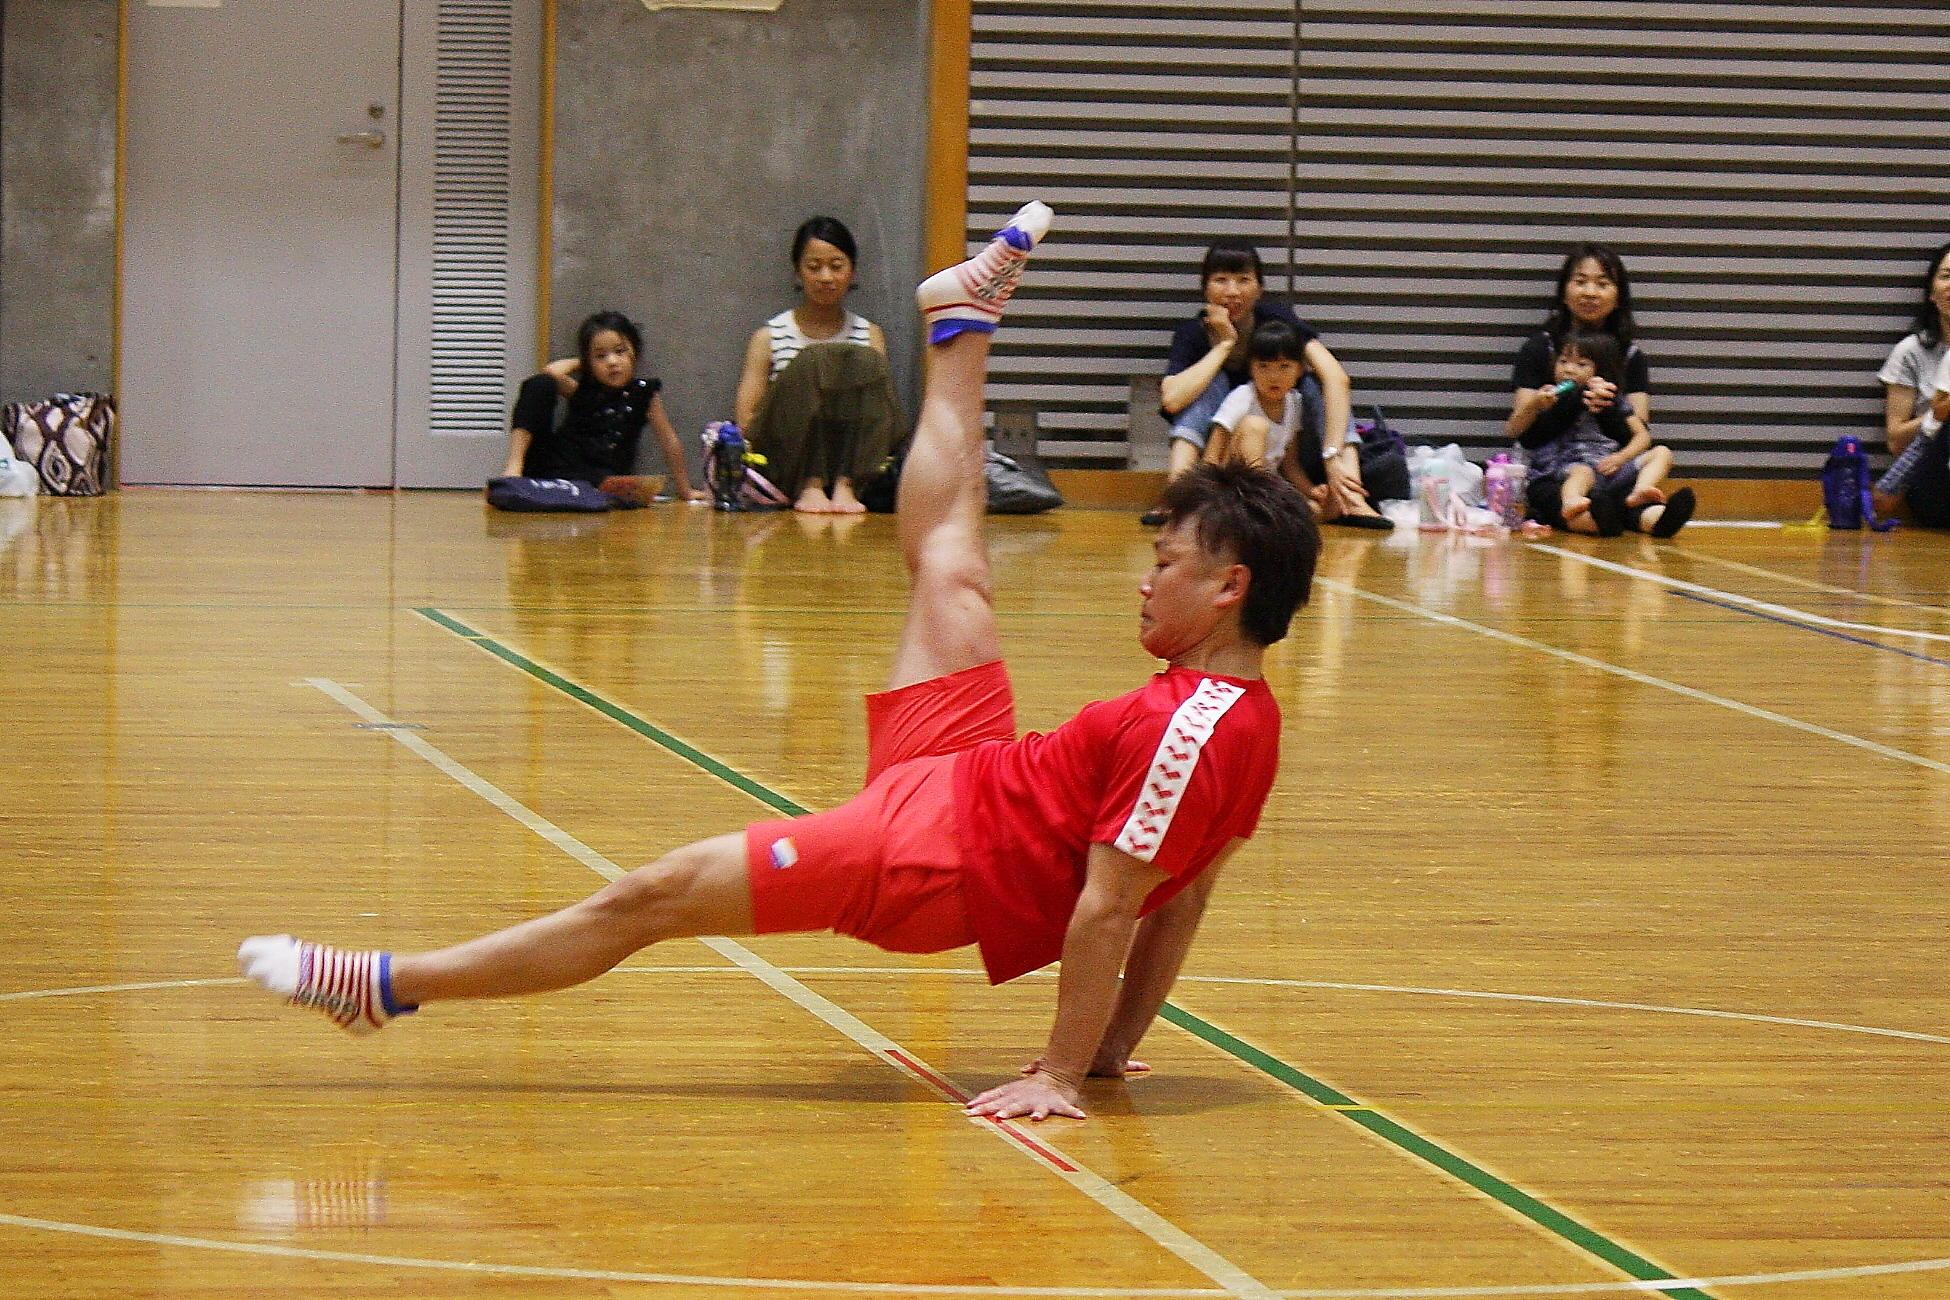 http://news.yoshimoto.co.jp/20180731115343-1db434632988e5f5b4073e9a5eee0e855b355fd9.jpg